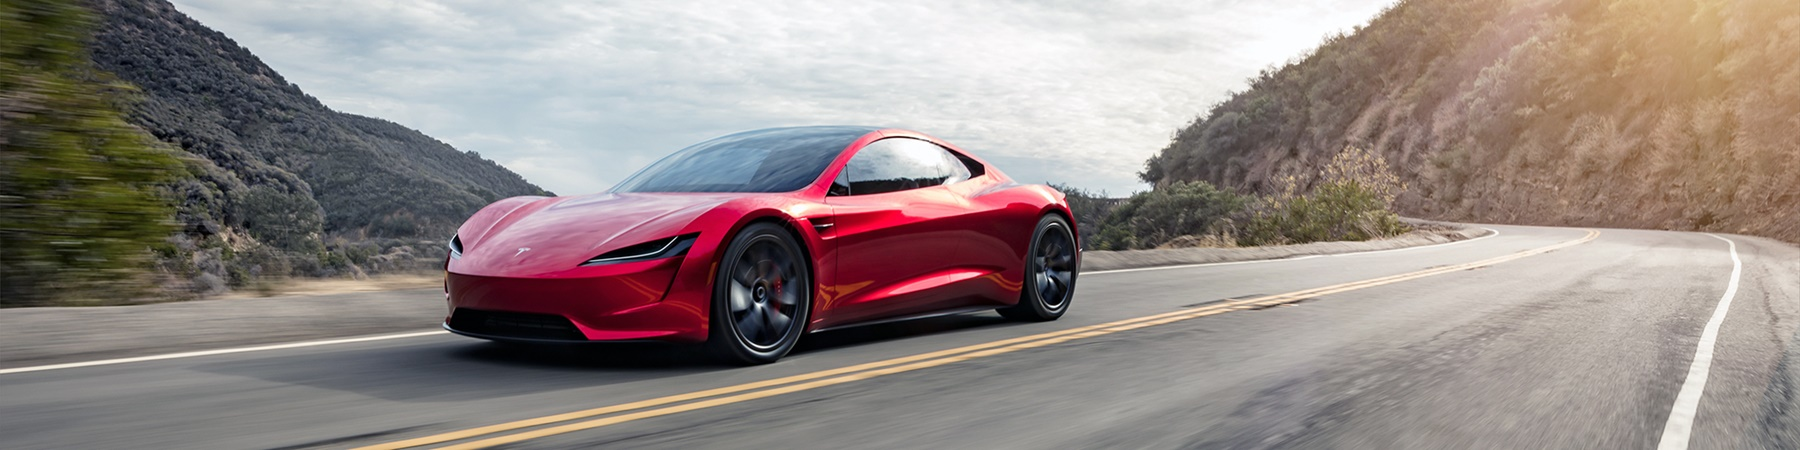 Tesla Roadster 200kWh 825 km actieradius